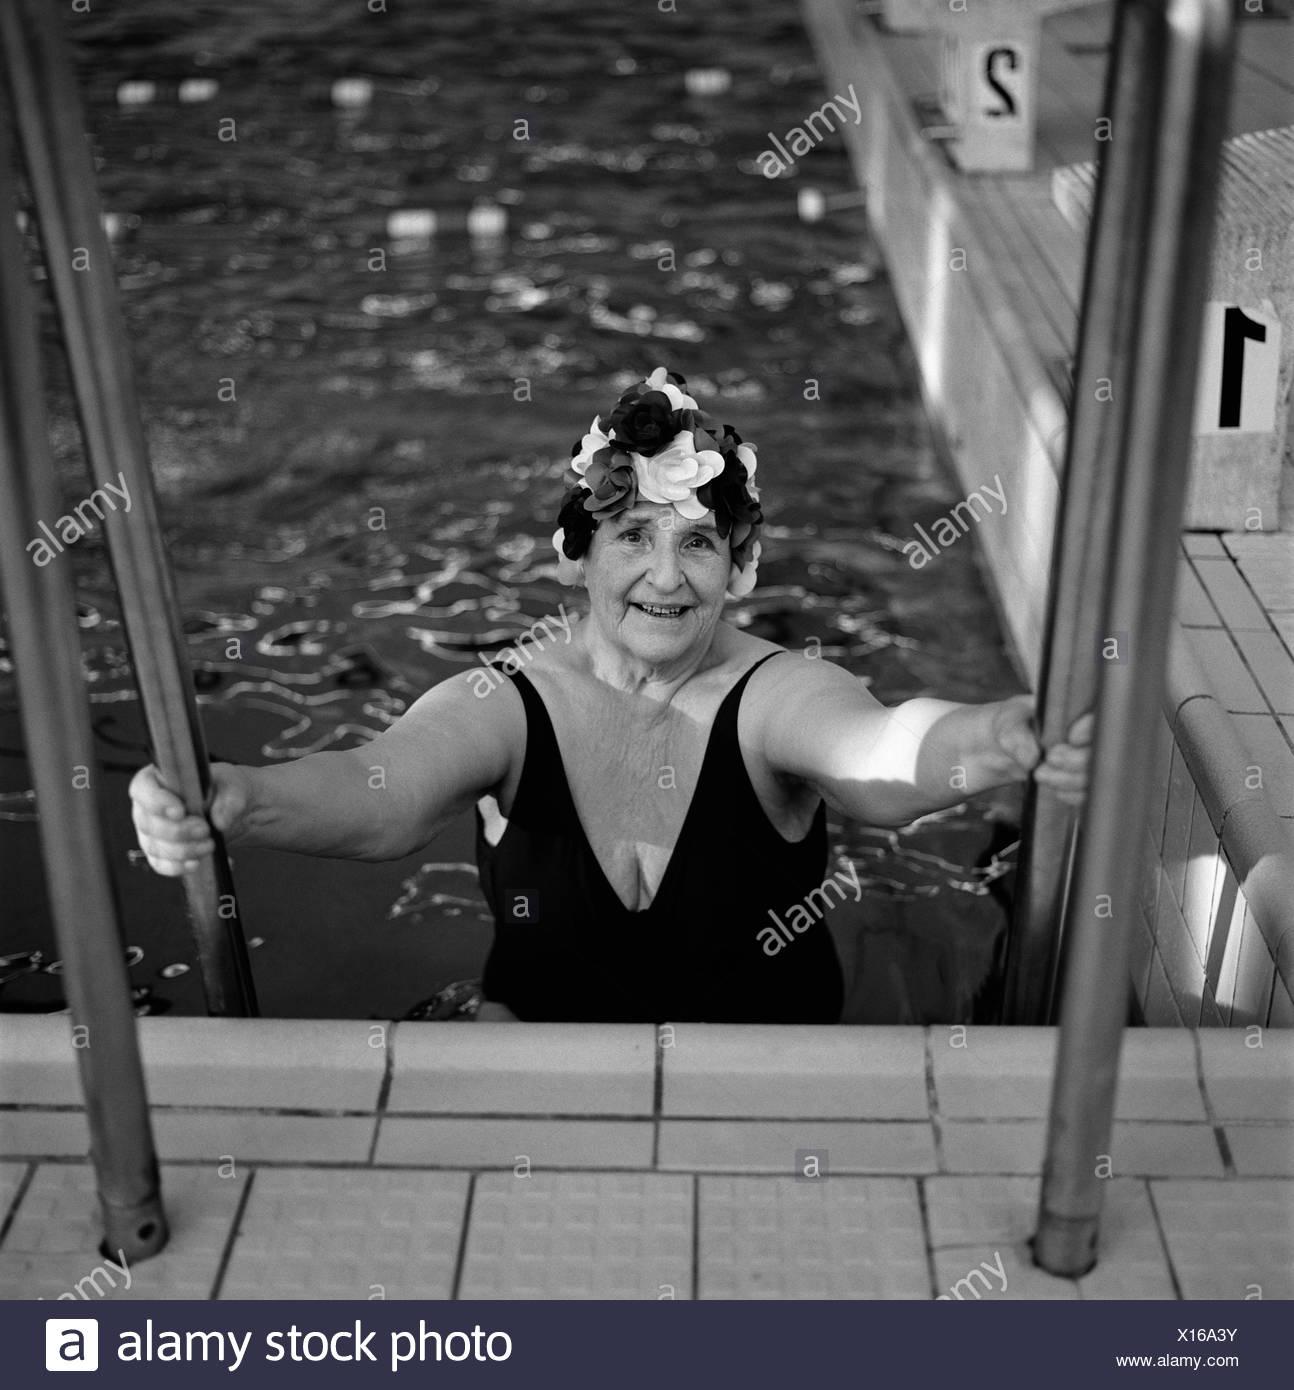 70-74 AÑOS 75-79 AÑOS actividad solo adultos trajes de baño color image anciana ejercer vista frontal interior ocio Imagen De Stock